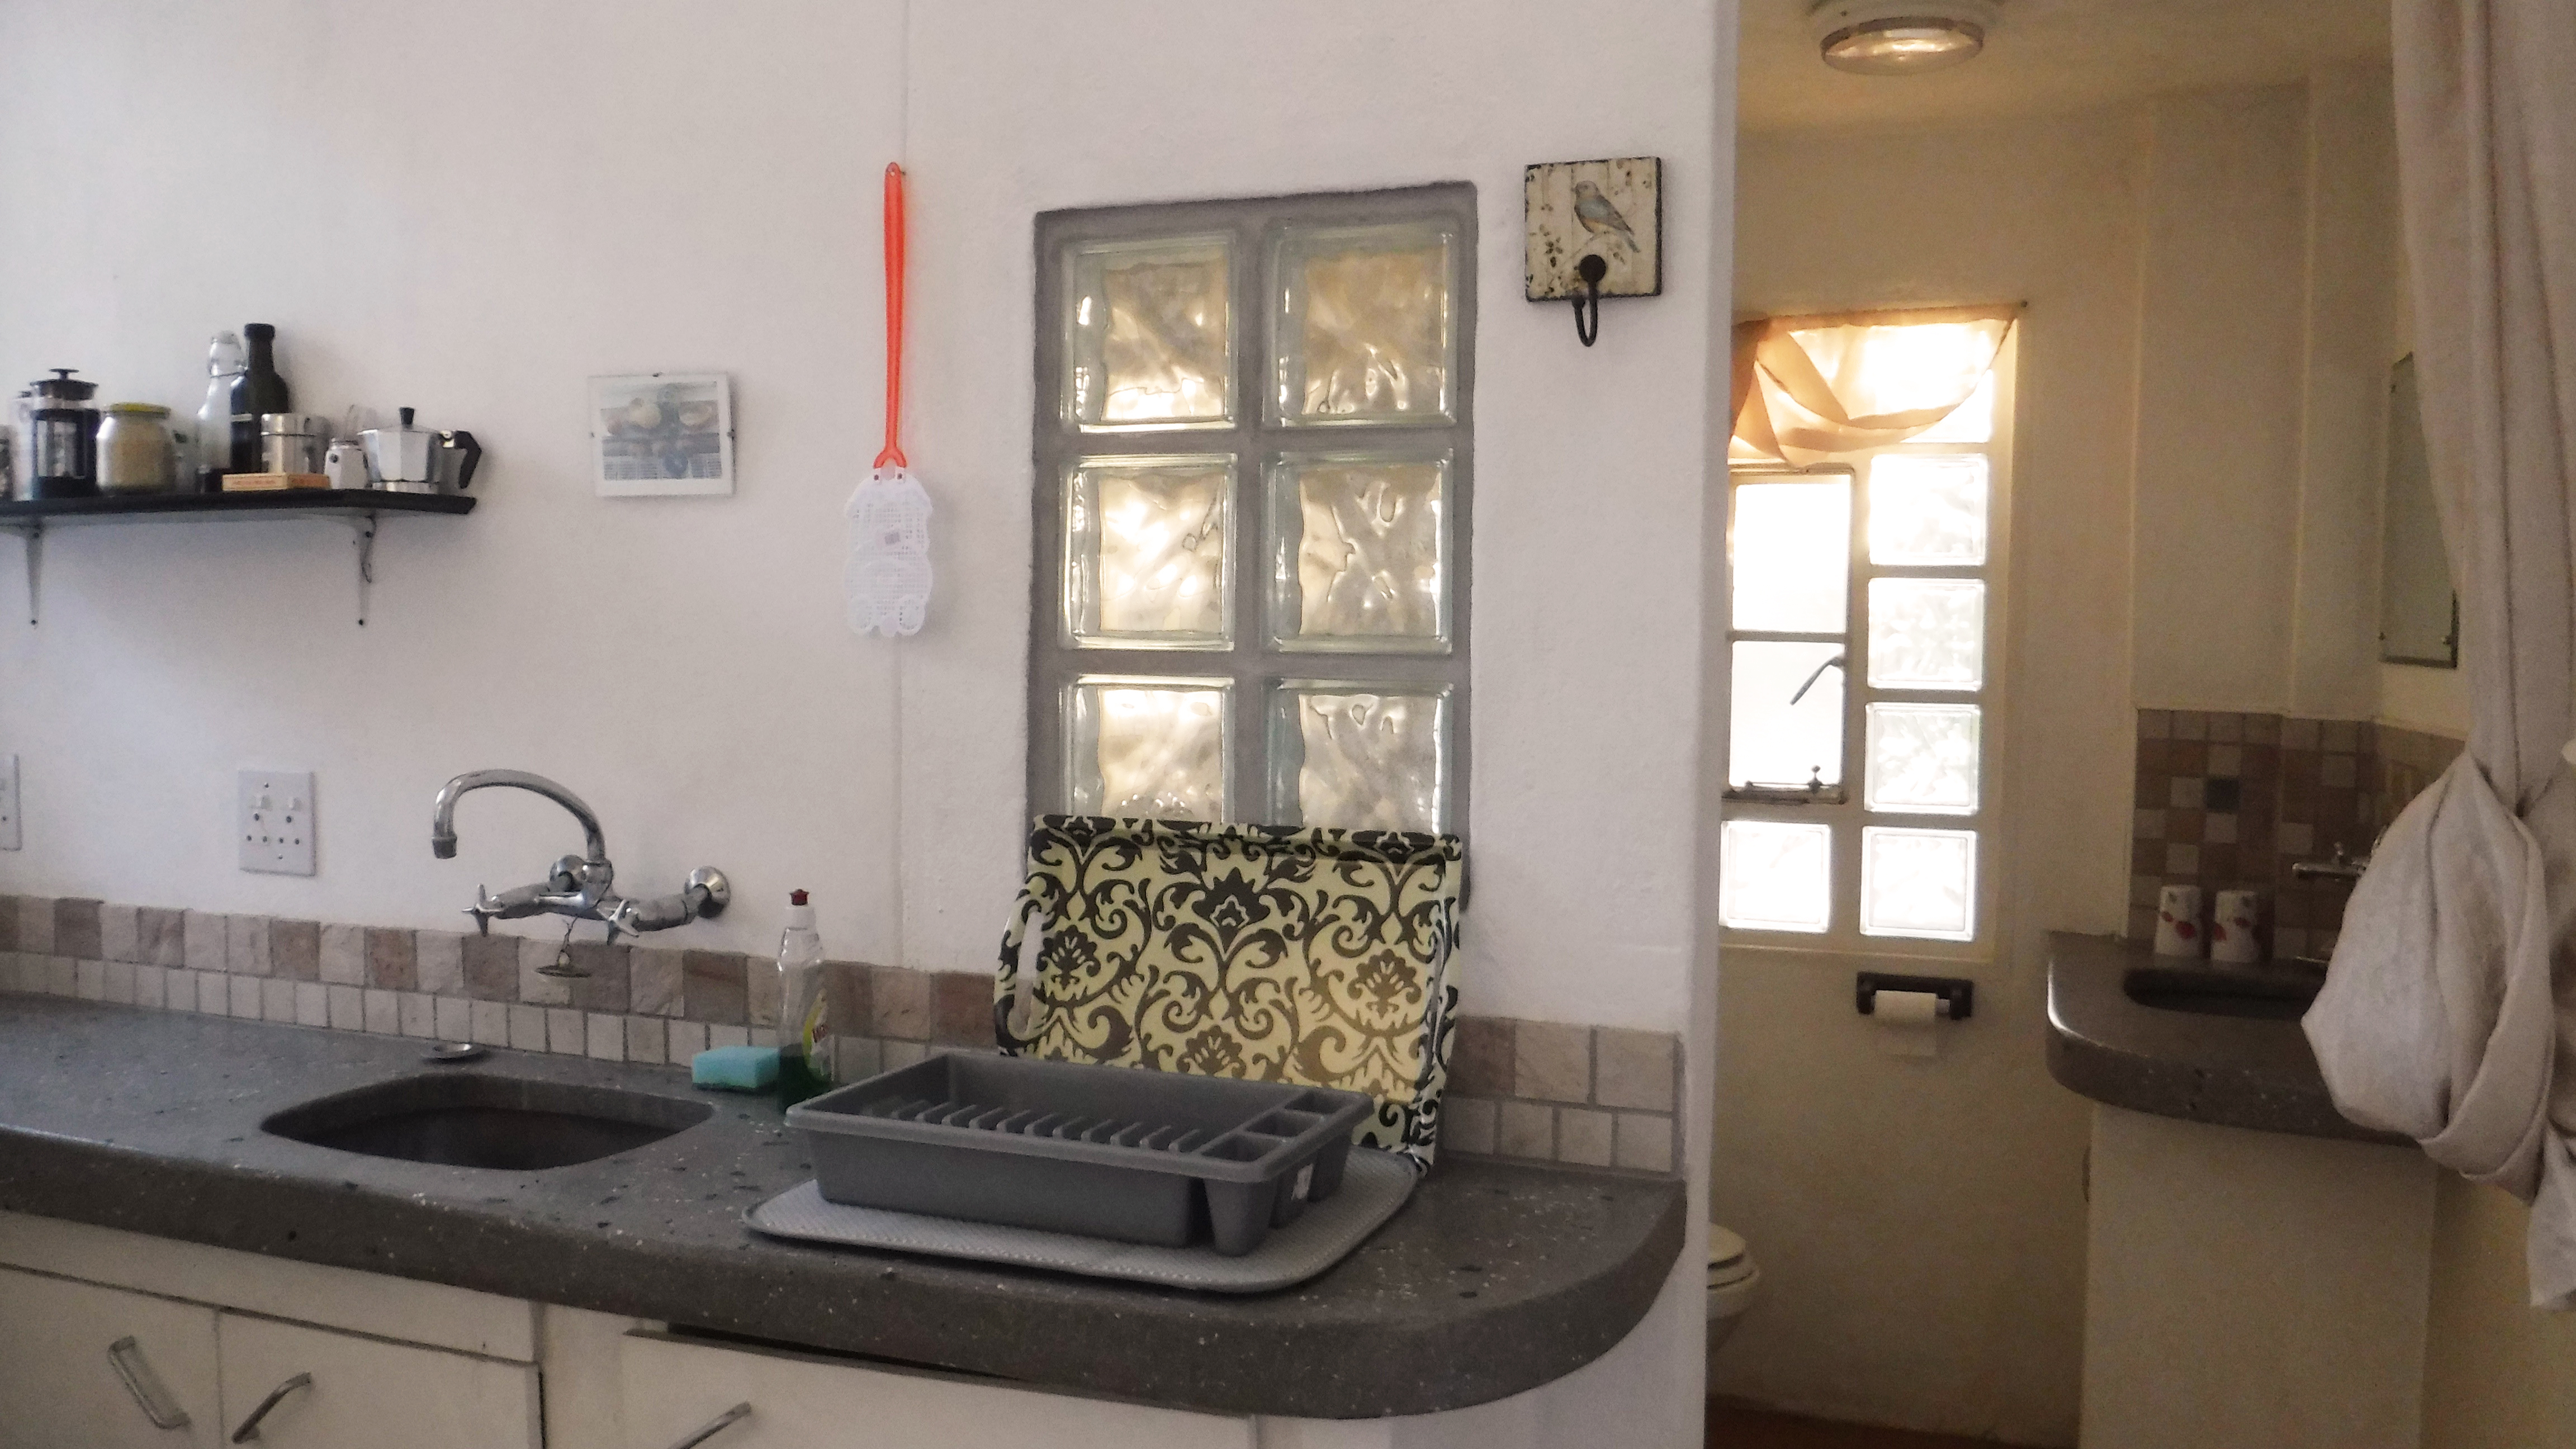 Kitchen and en-suite bathroom